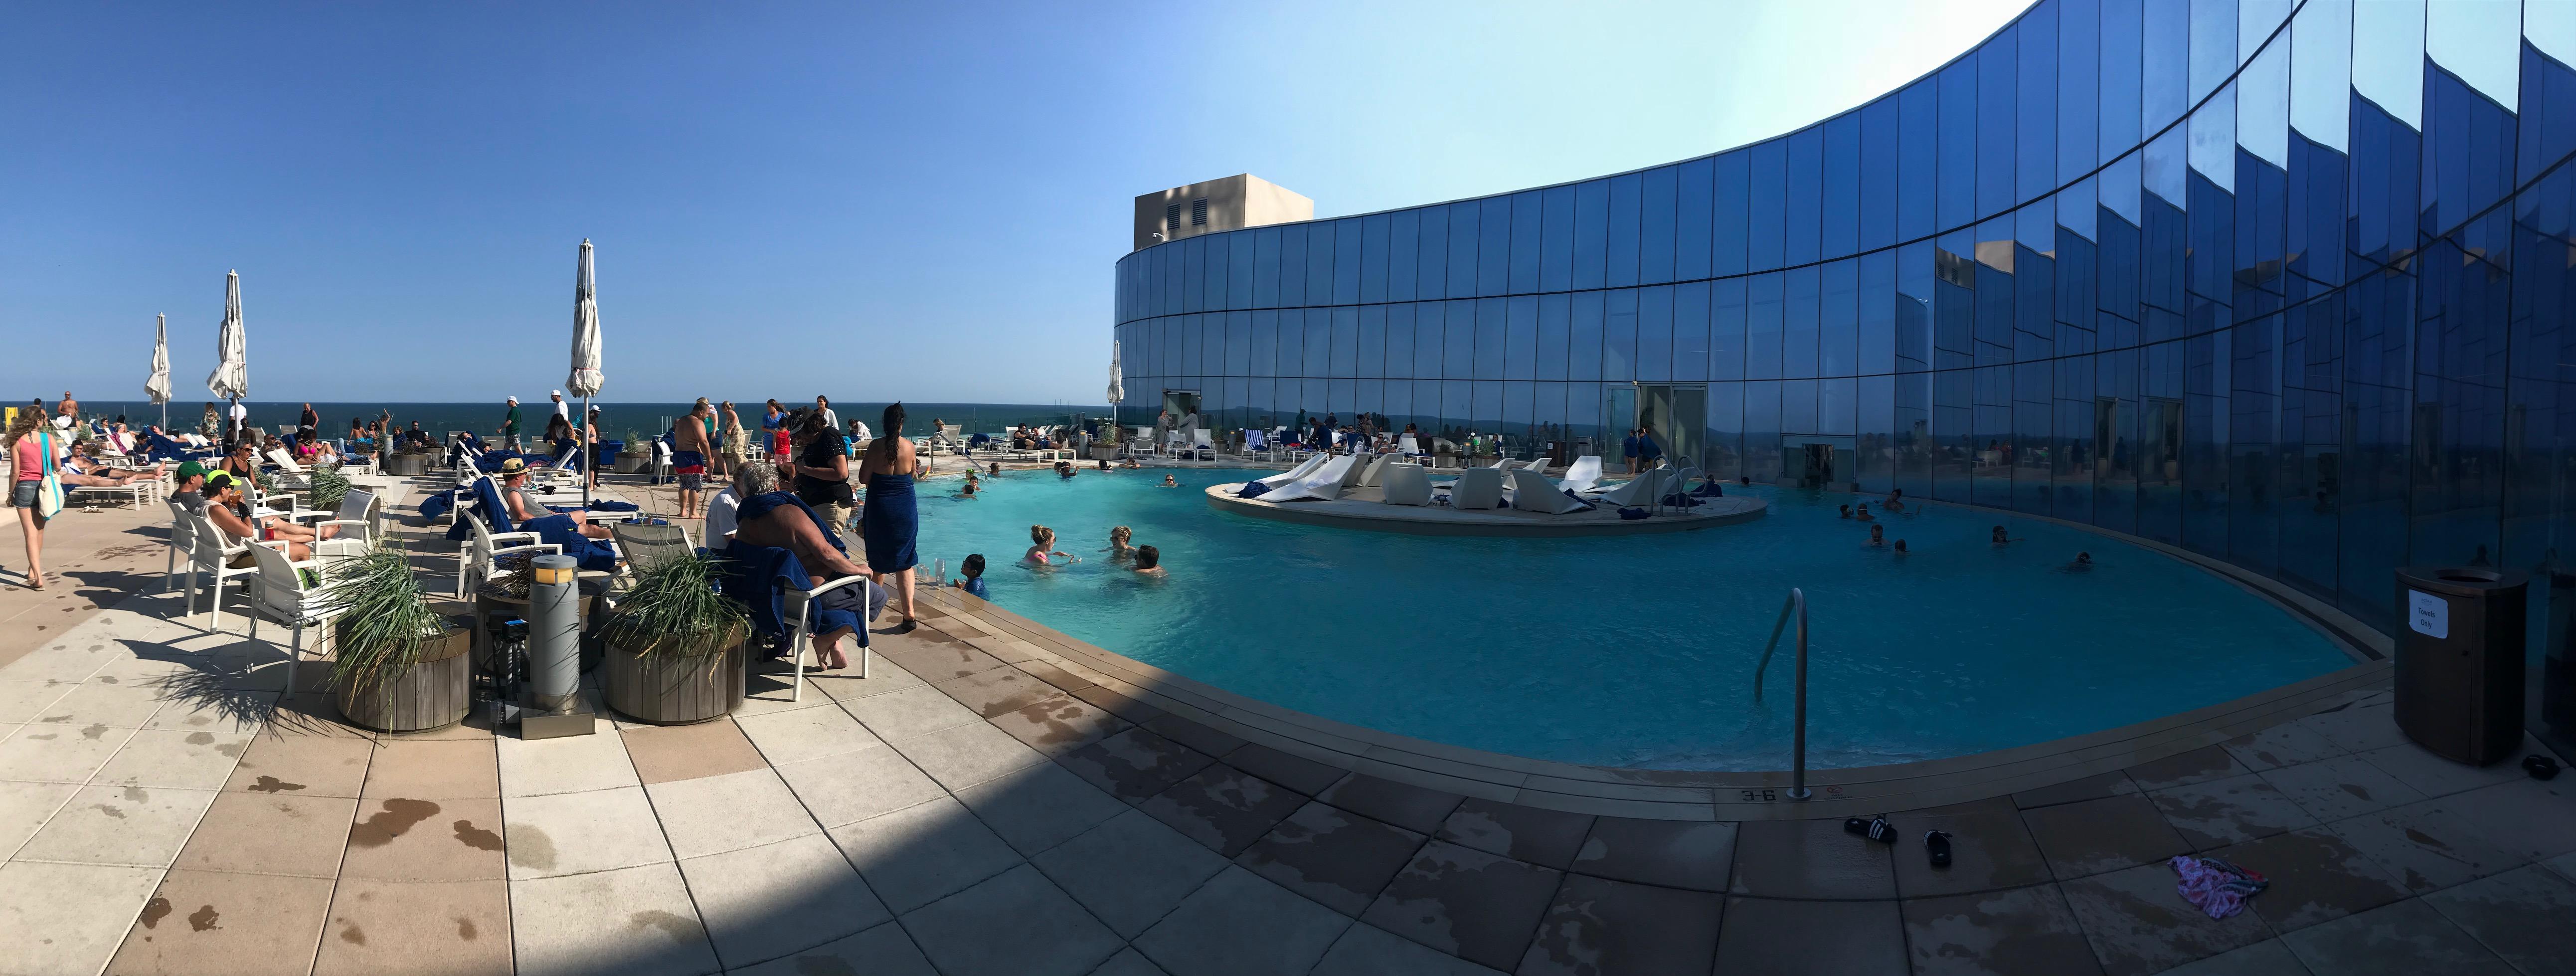 Panoramic picture of Pool at Ocean AC